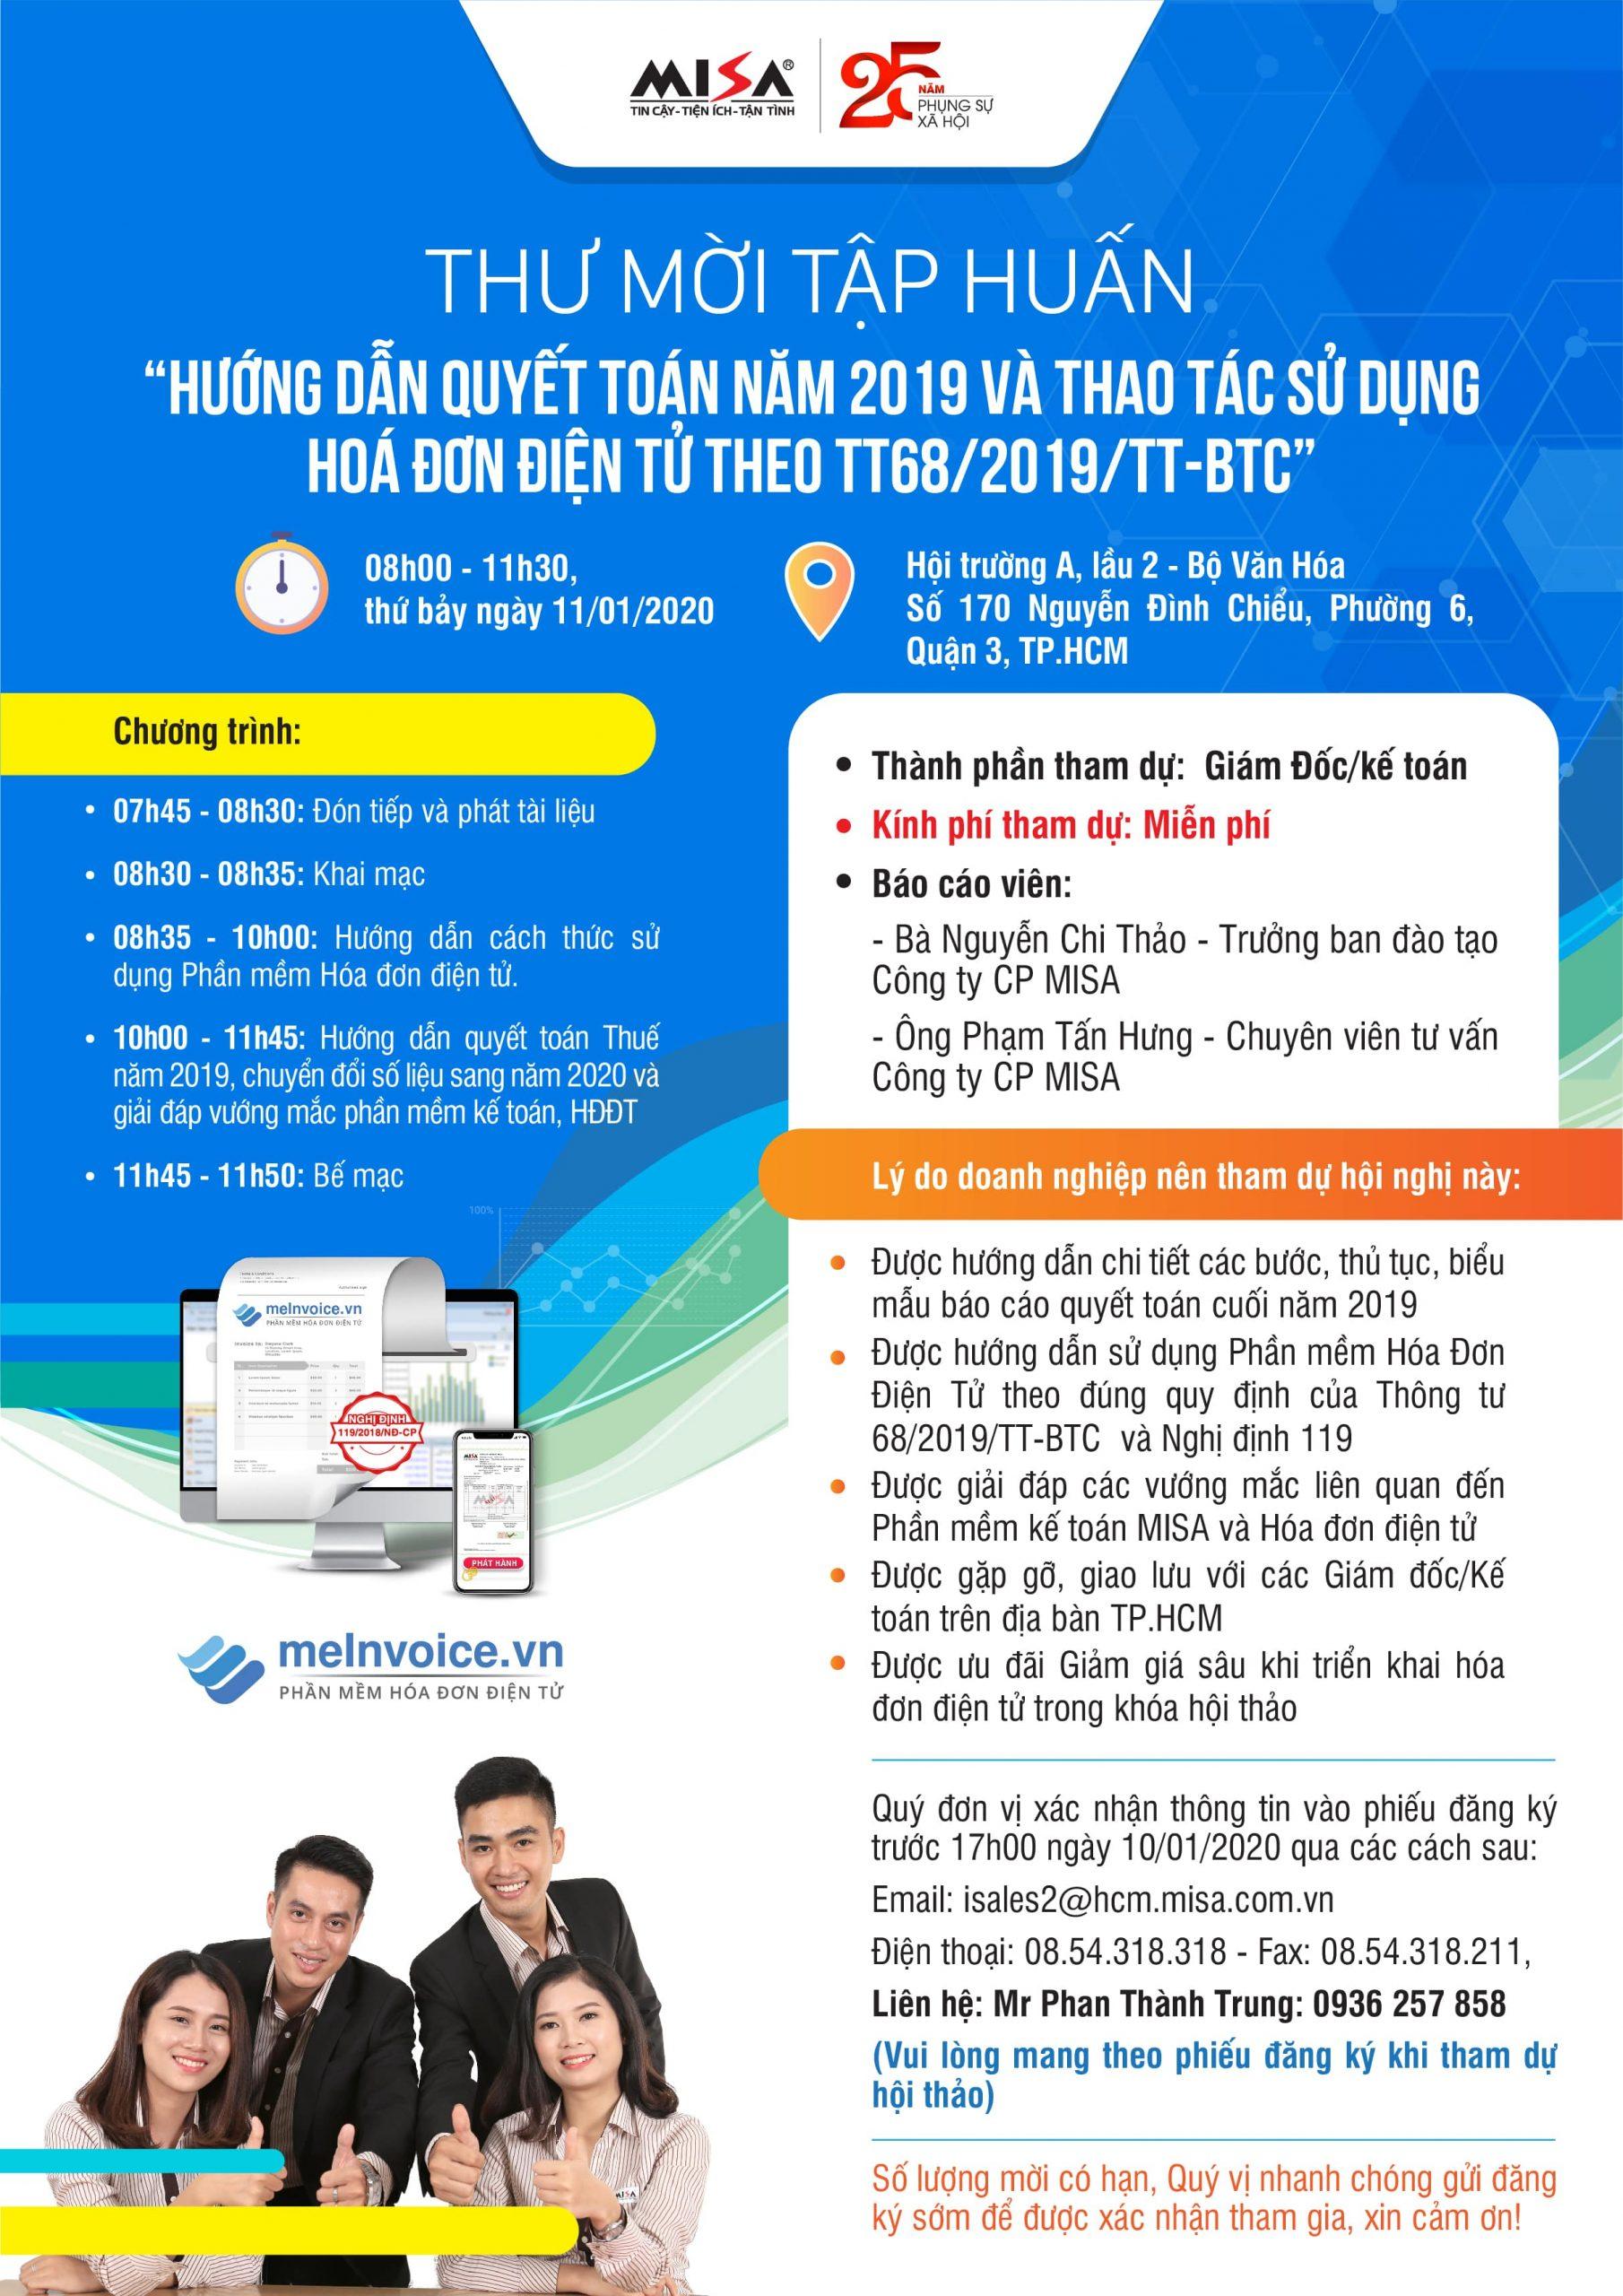 Tập huấn hóa đơn điện tử thông tư 68 tại Hồ Chí Minh